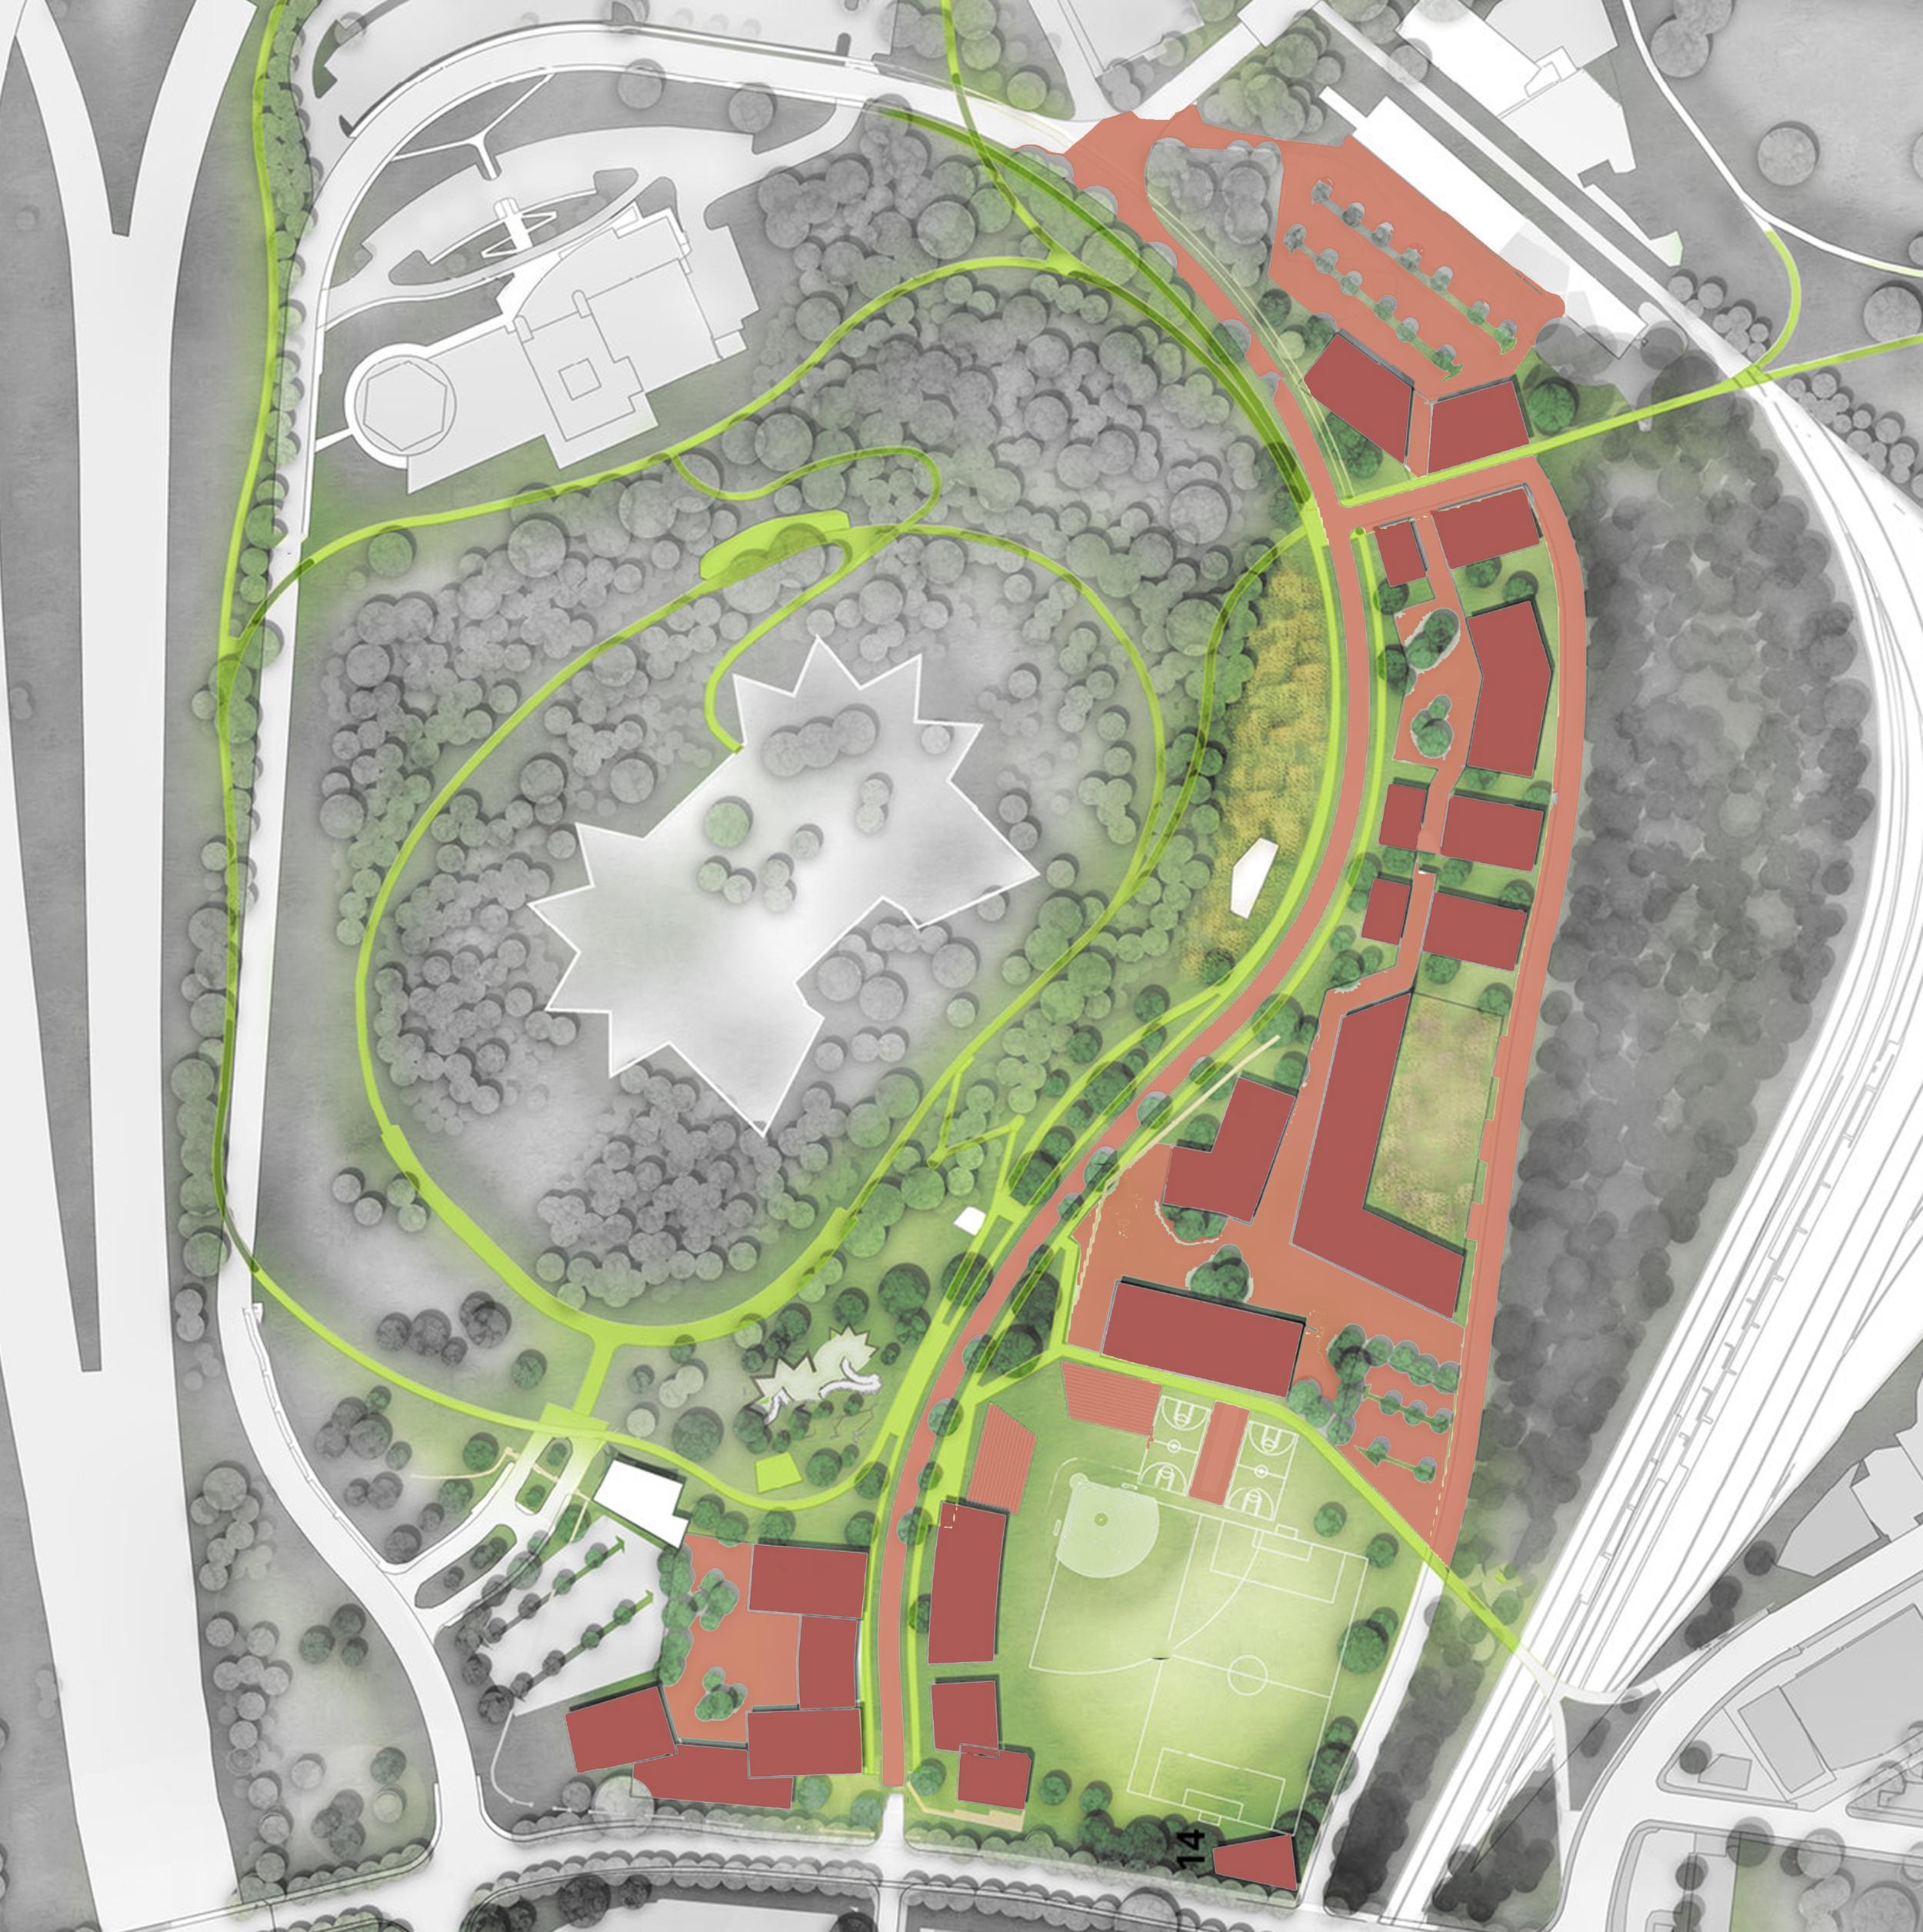 Cloud Hill Development Proposal -